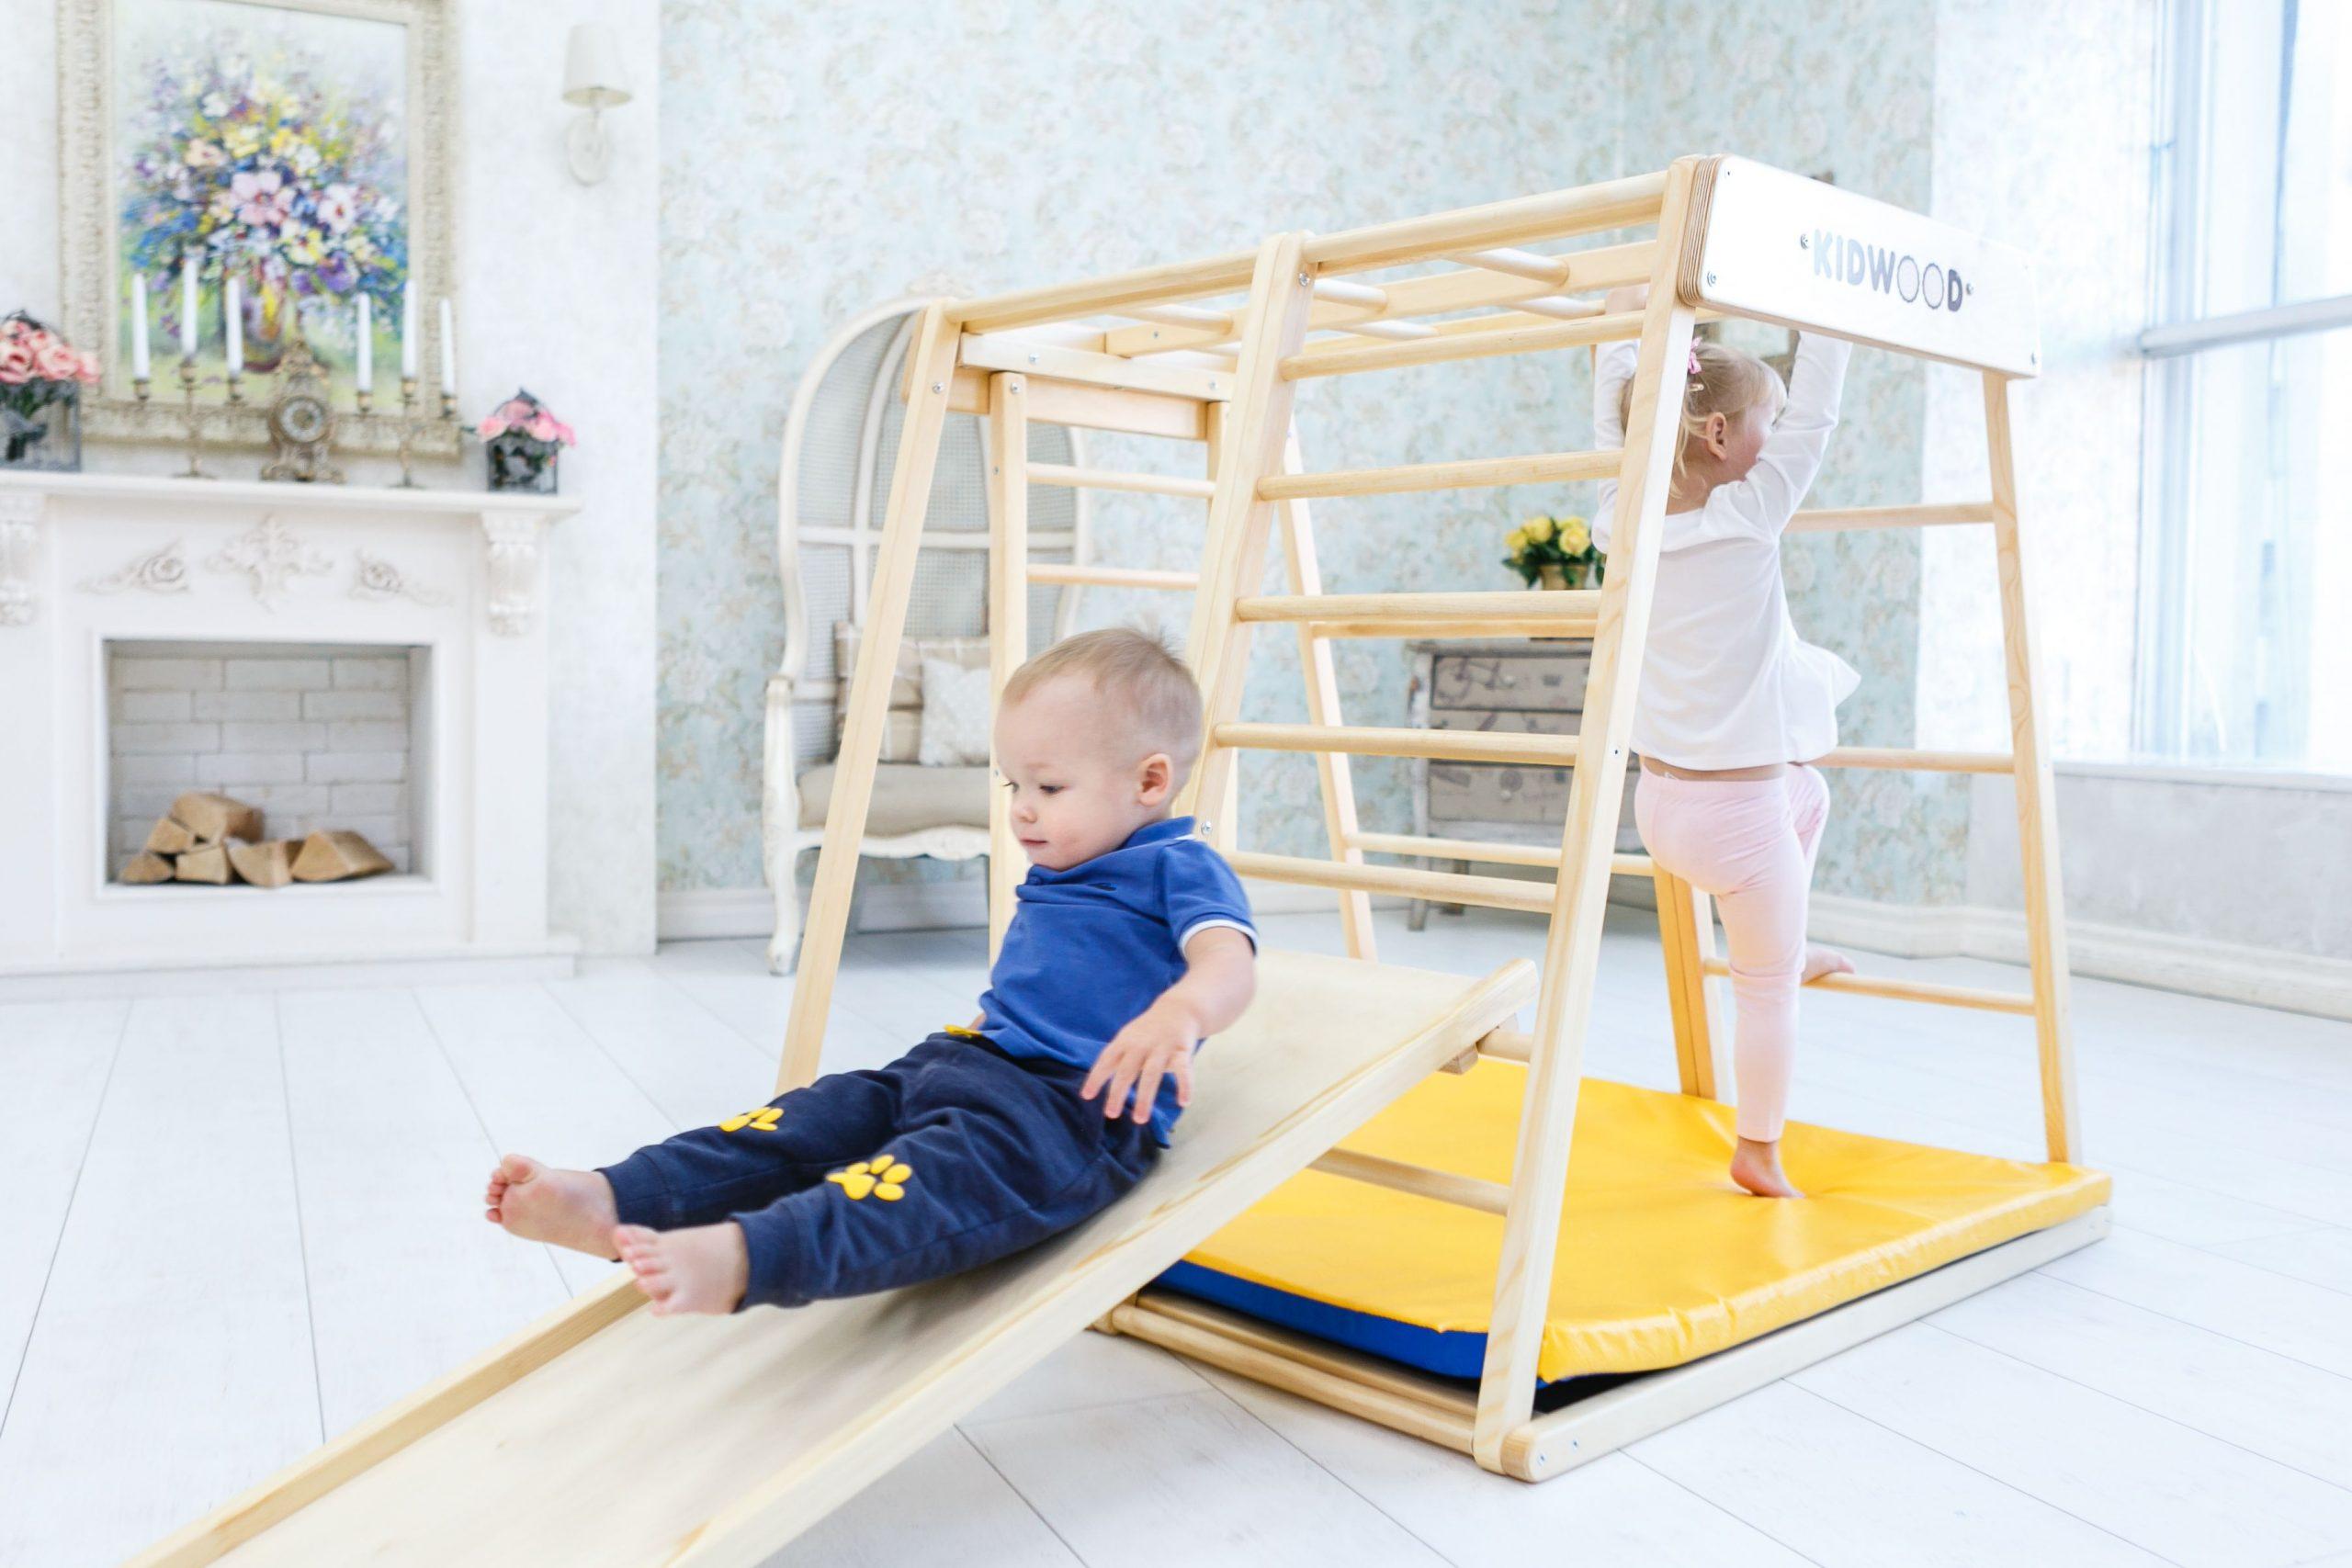 Full Size of Kidwood Klettergerst Rakete Junior Set Aus Holz 6 Klettergerüst Garten Wohnzimmer Klettergerüst Indoor